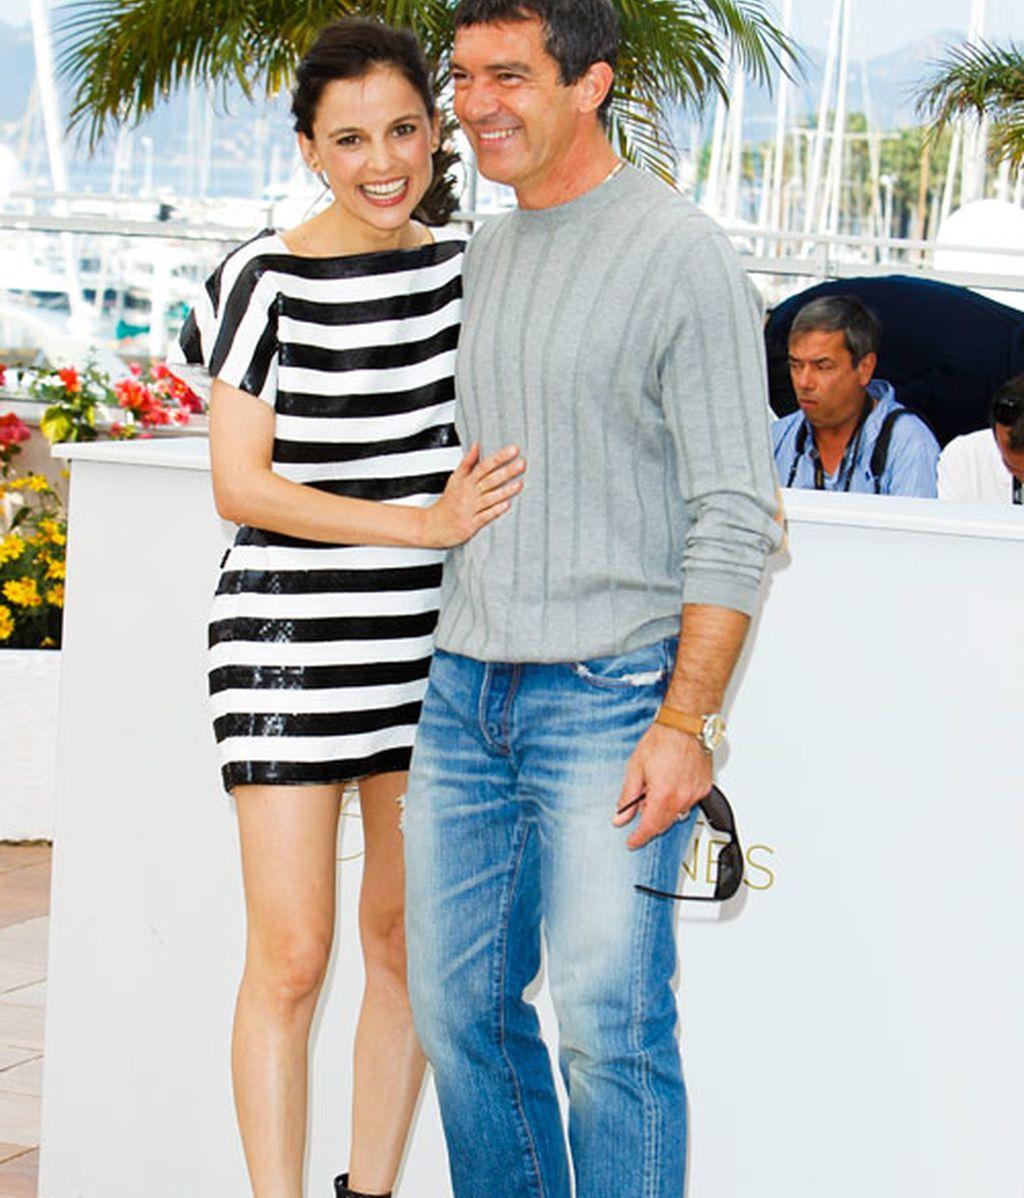 Almodóvar y su equipo dan el campanazo en el Festival de Cannes